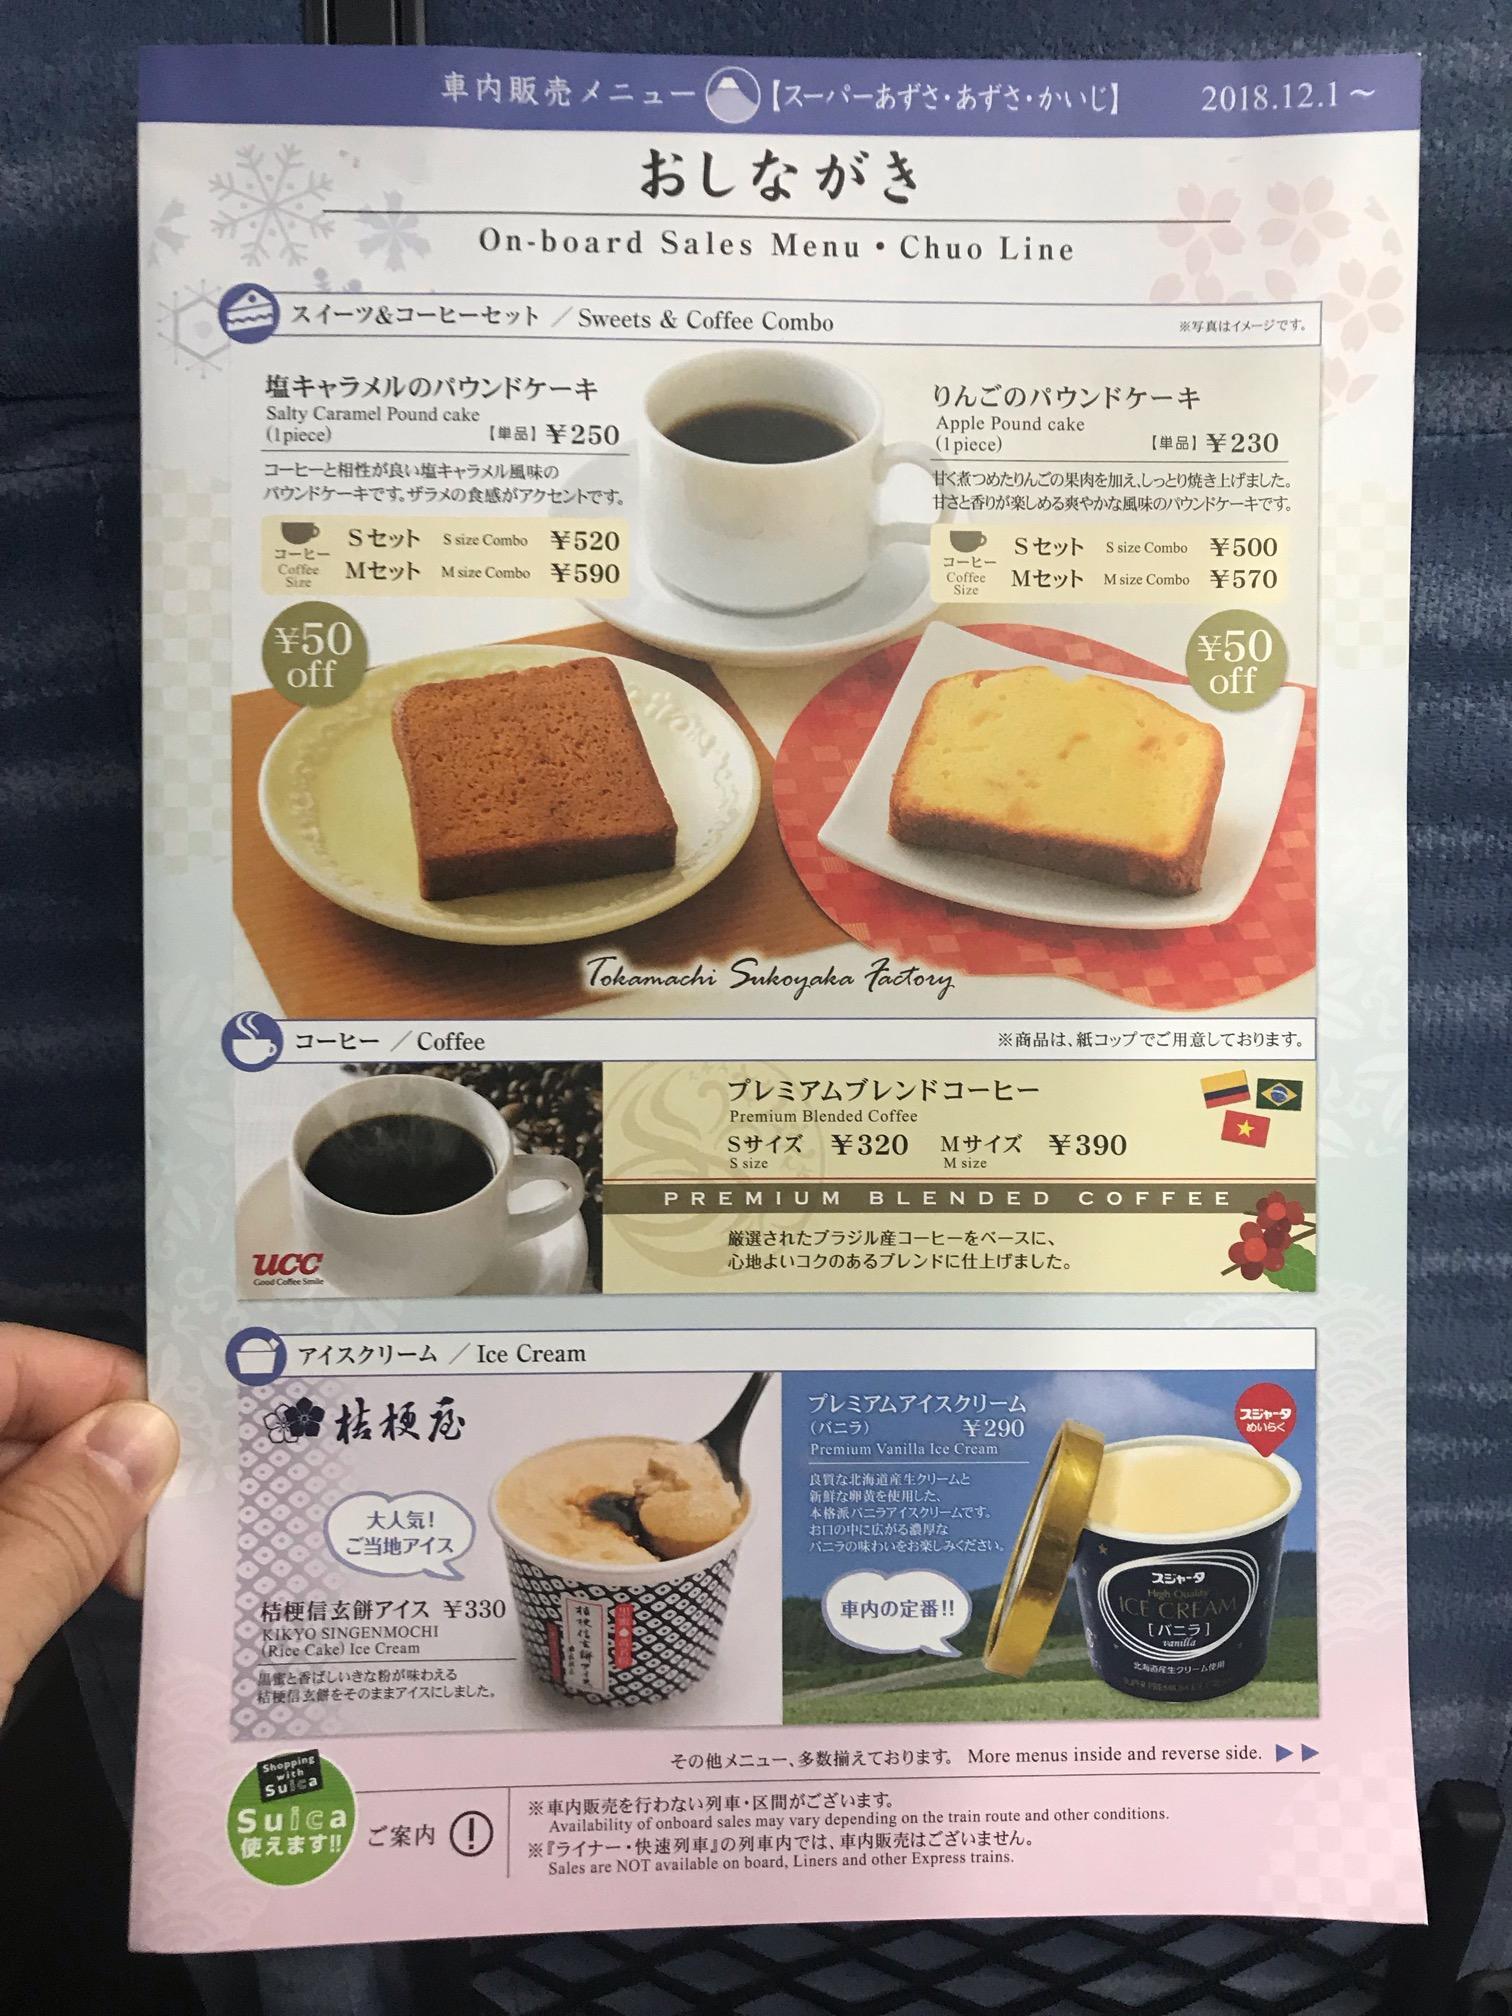 車内販売メニュー(スイーツ・コーヒー・アイスクリーム) スーパーあずさ・あずさ・かいじ 2018.12.1~